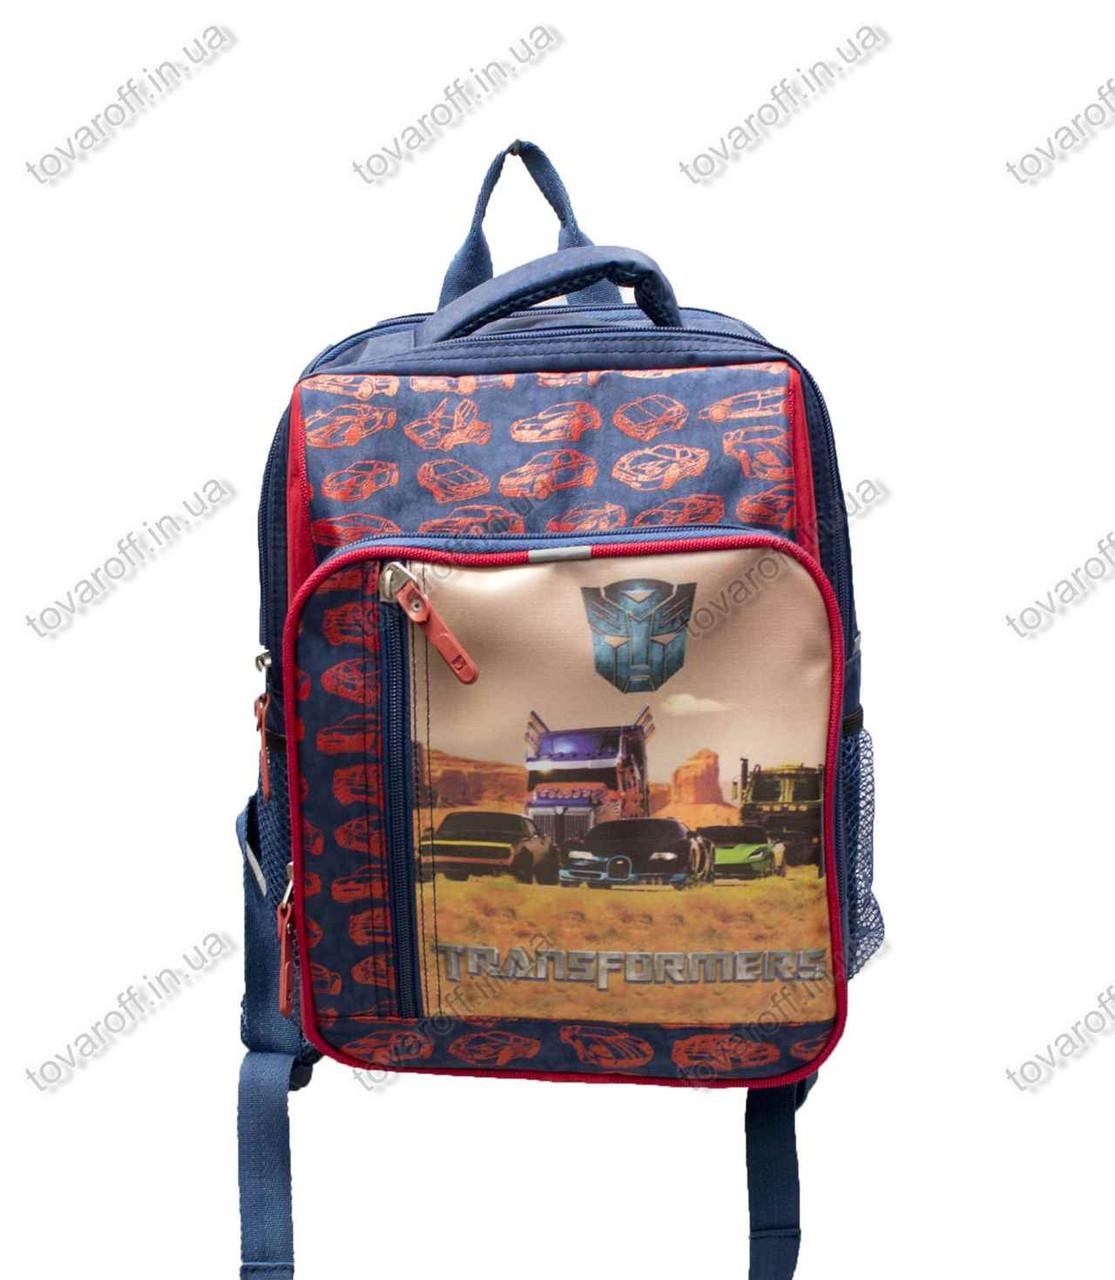 Рюкзак школьный детский Трасформеры (Transformers) - Синий - MeShock (Bagland) - 11270